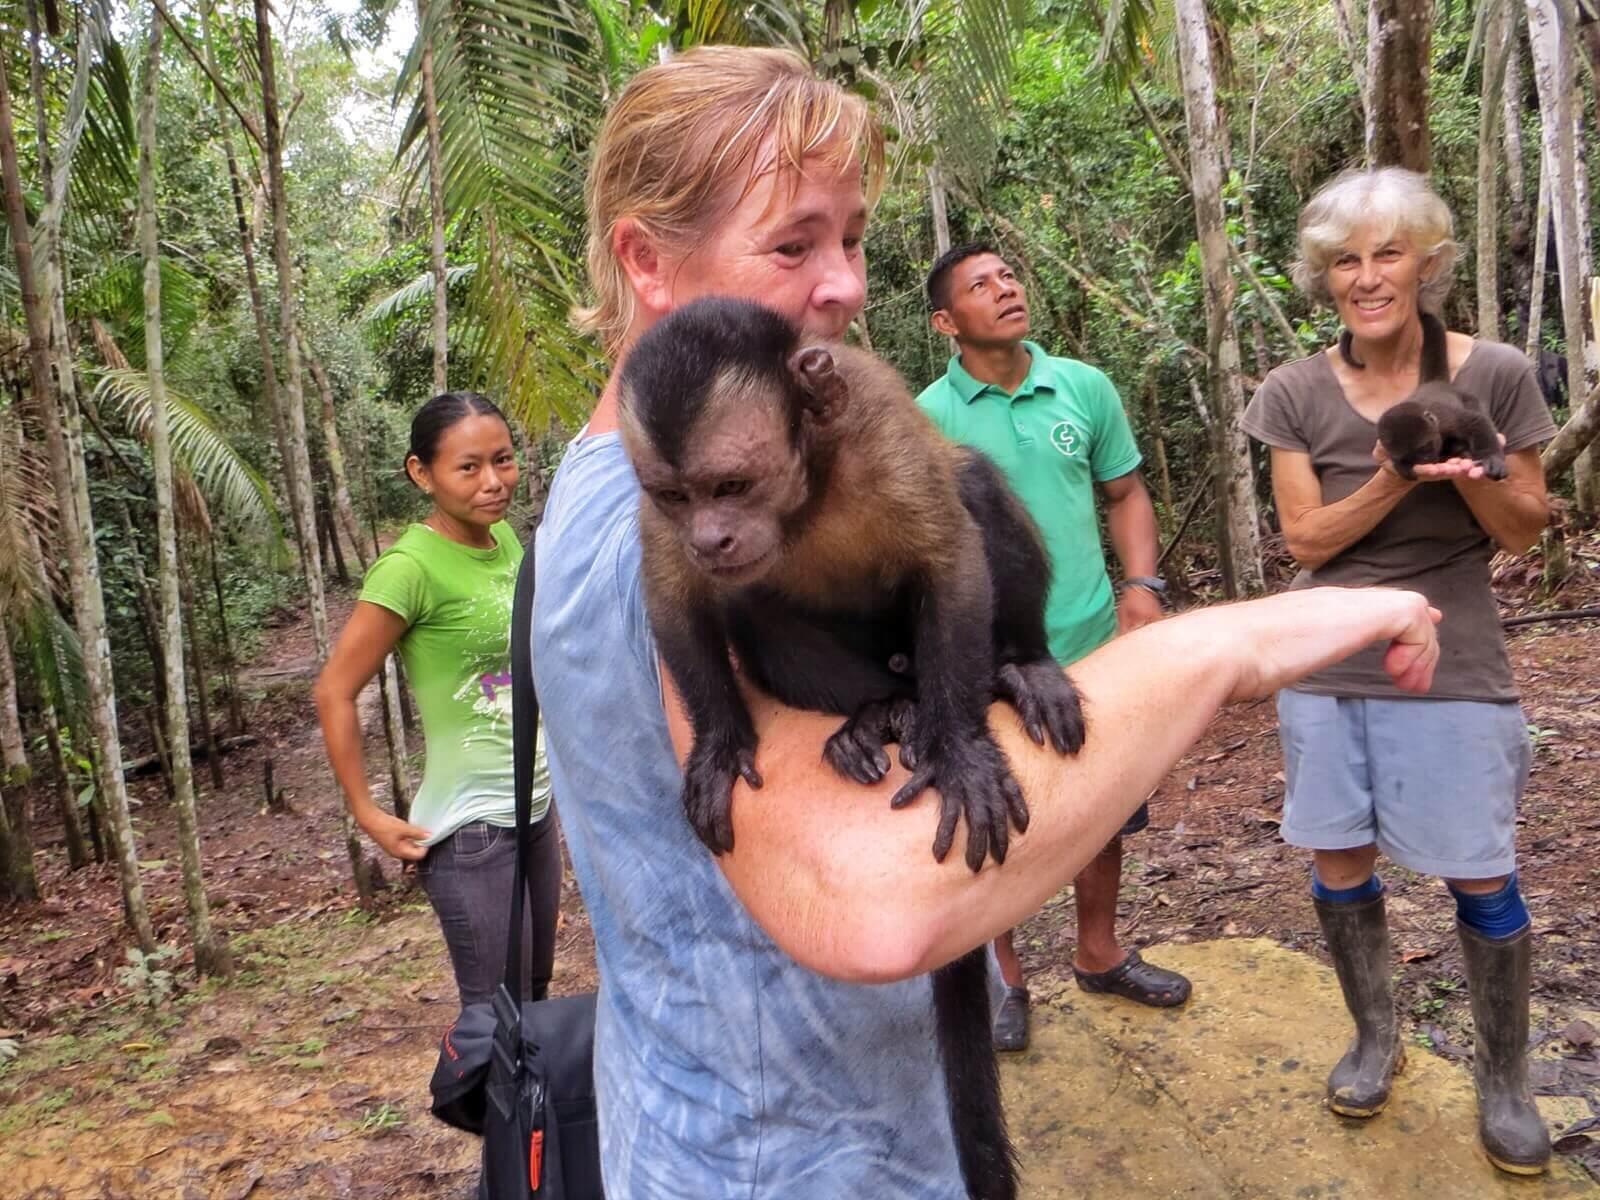 Kylän päällikön tytär, Karoliina, Raymondo ja Sara Bennet. Ja apinoita.